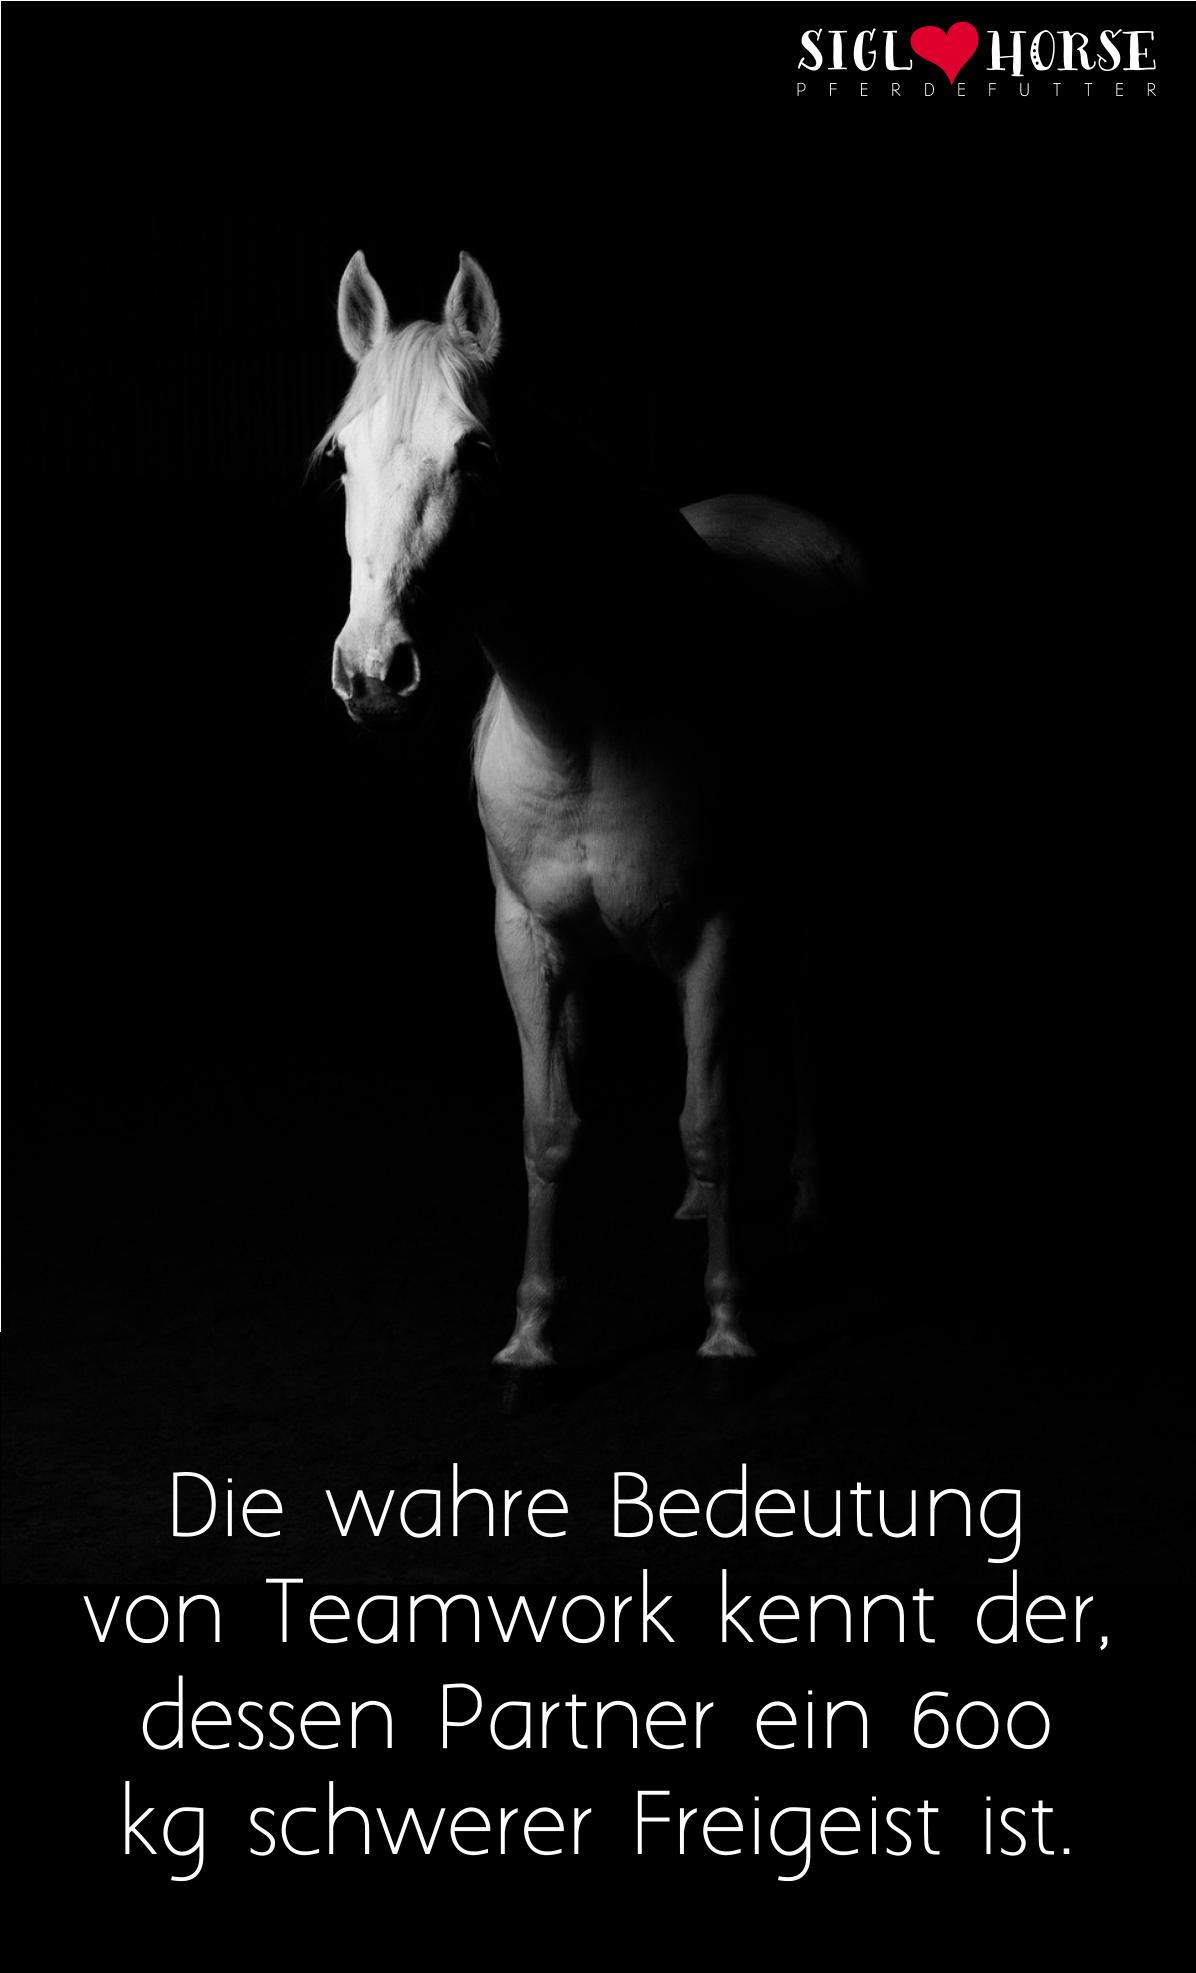 1000+ bilder zu tiere auf pinterest | pferde, training und wölfe